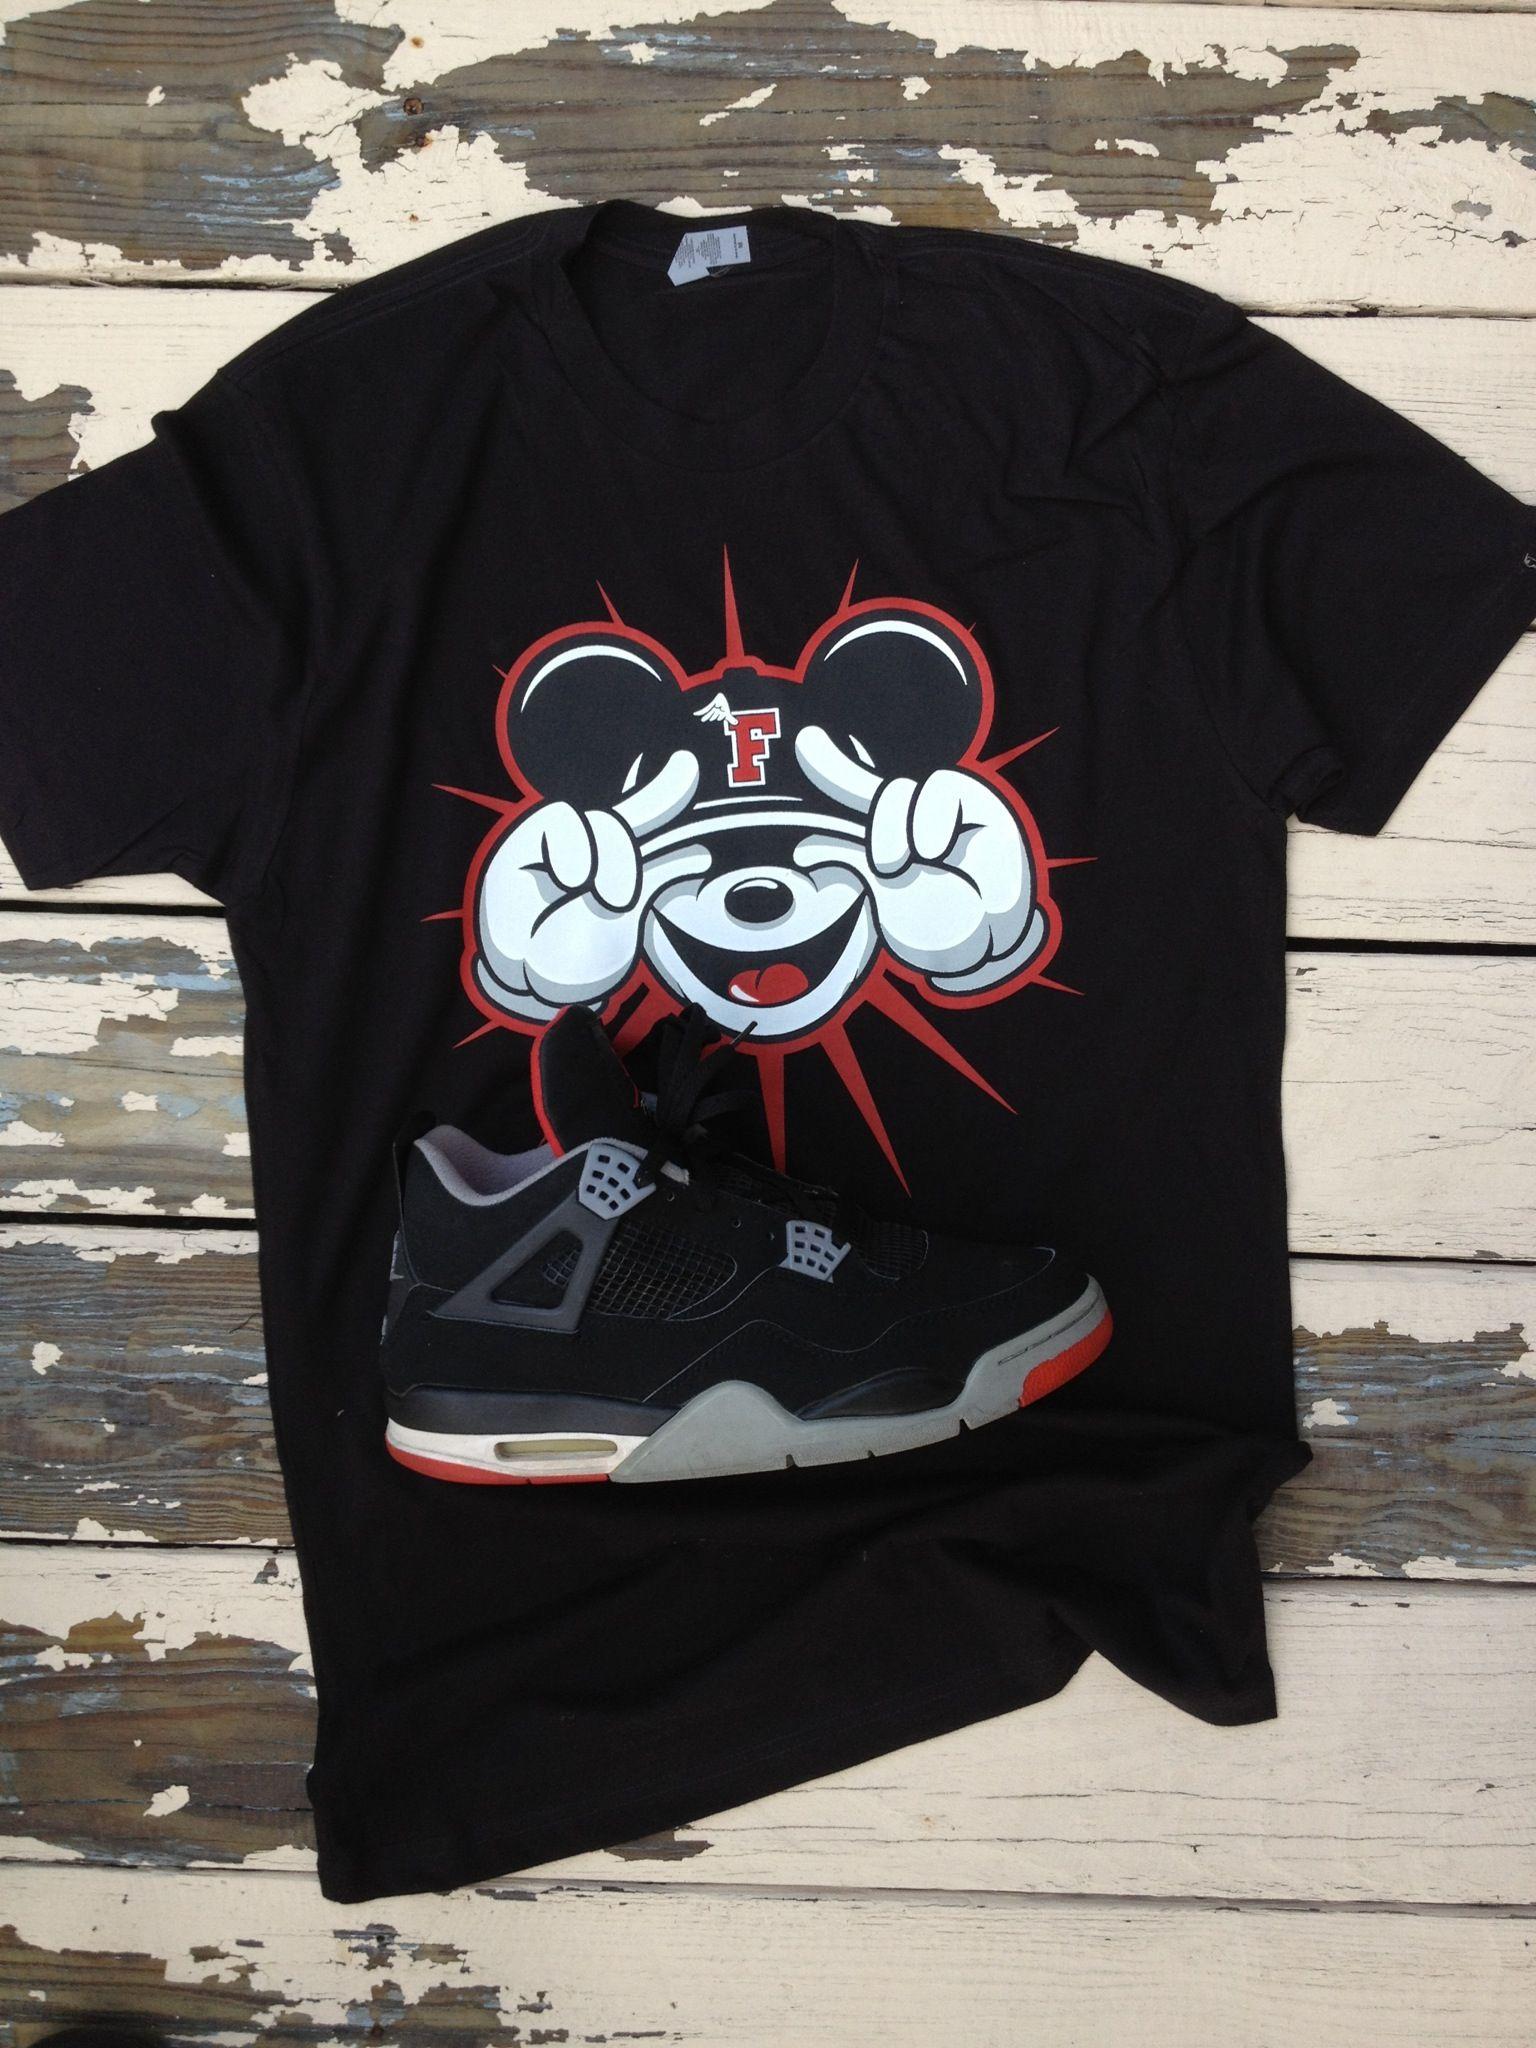 b3e6164e80 Fly Mickey t-shirt design to match the Jordan retro 4's by DonPdesign.com